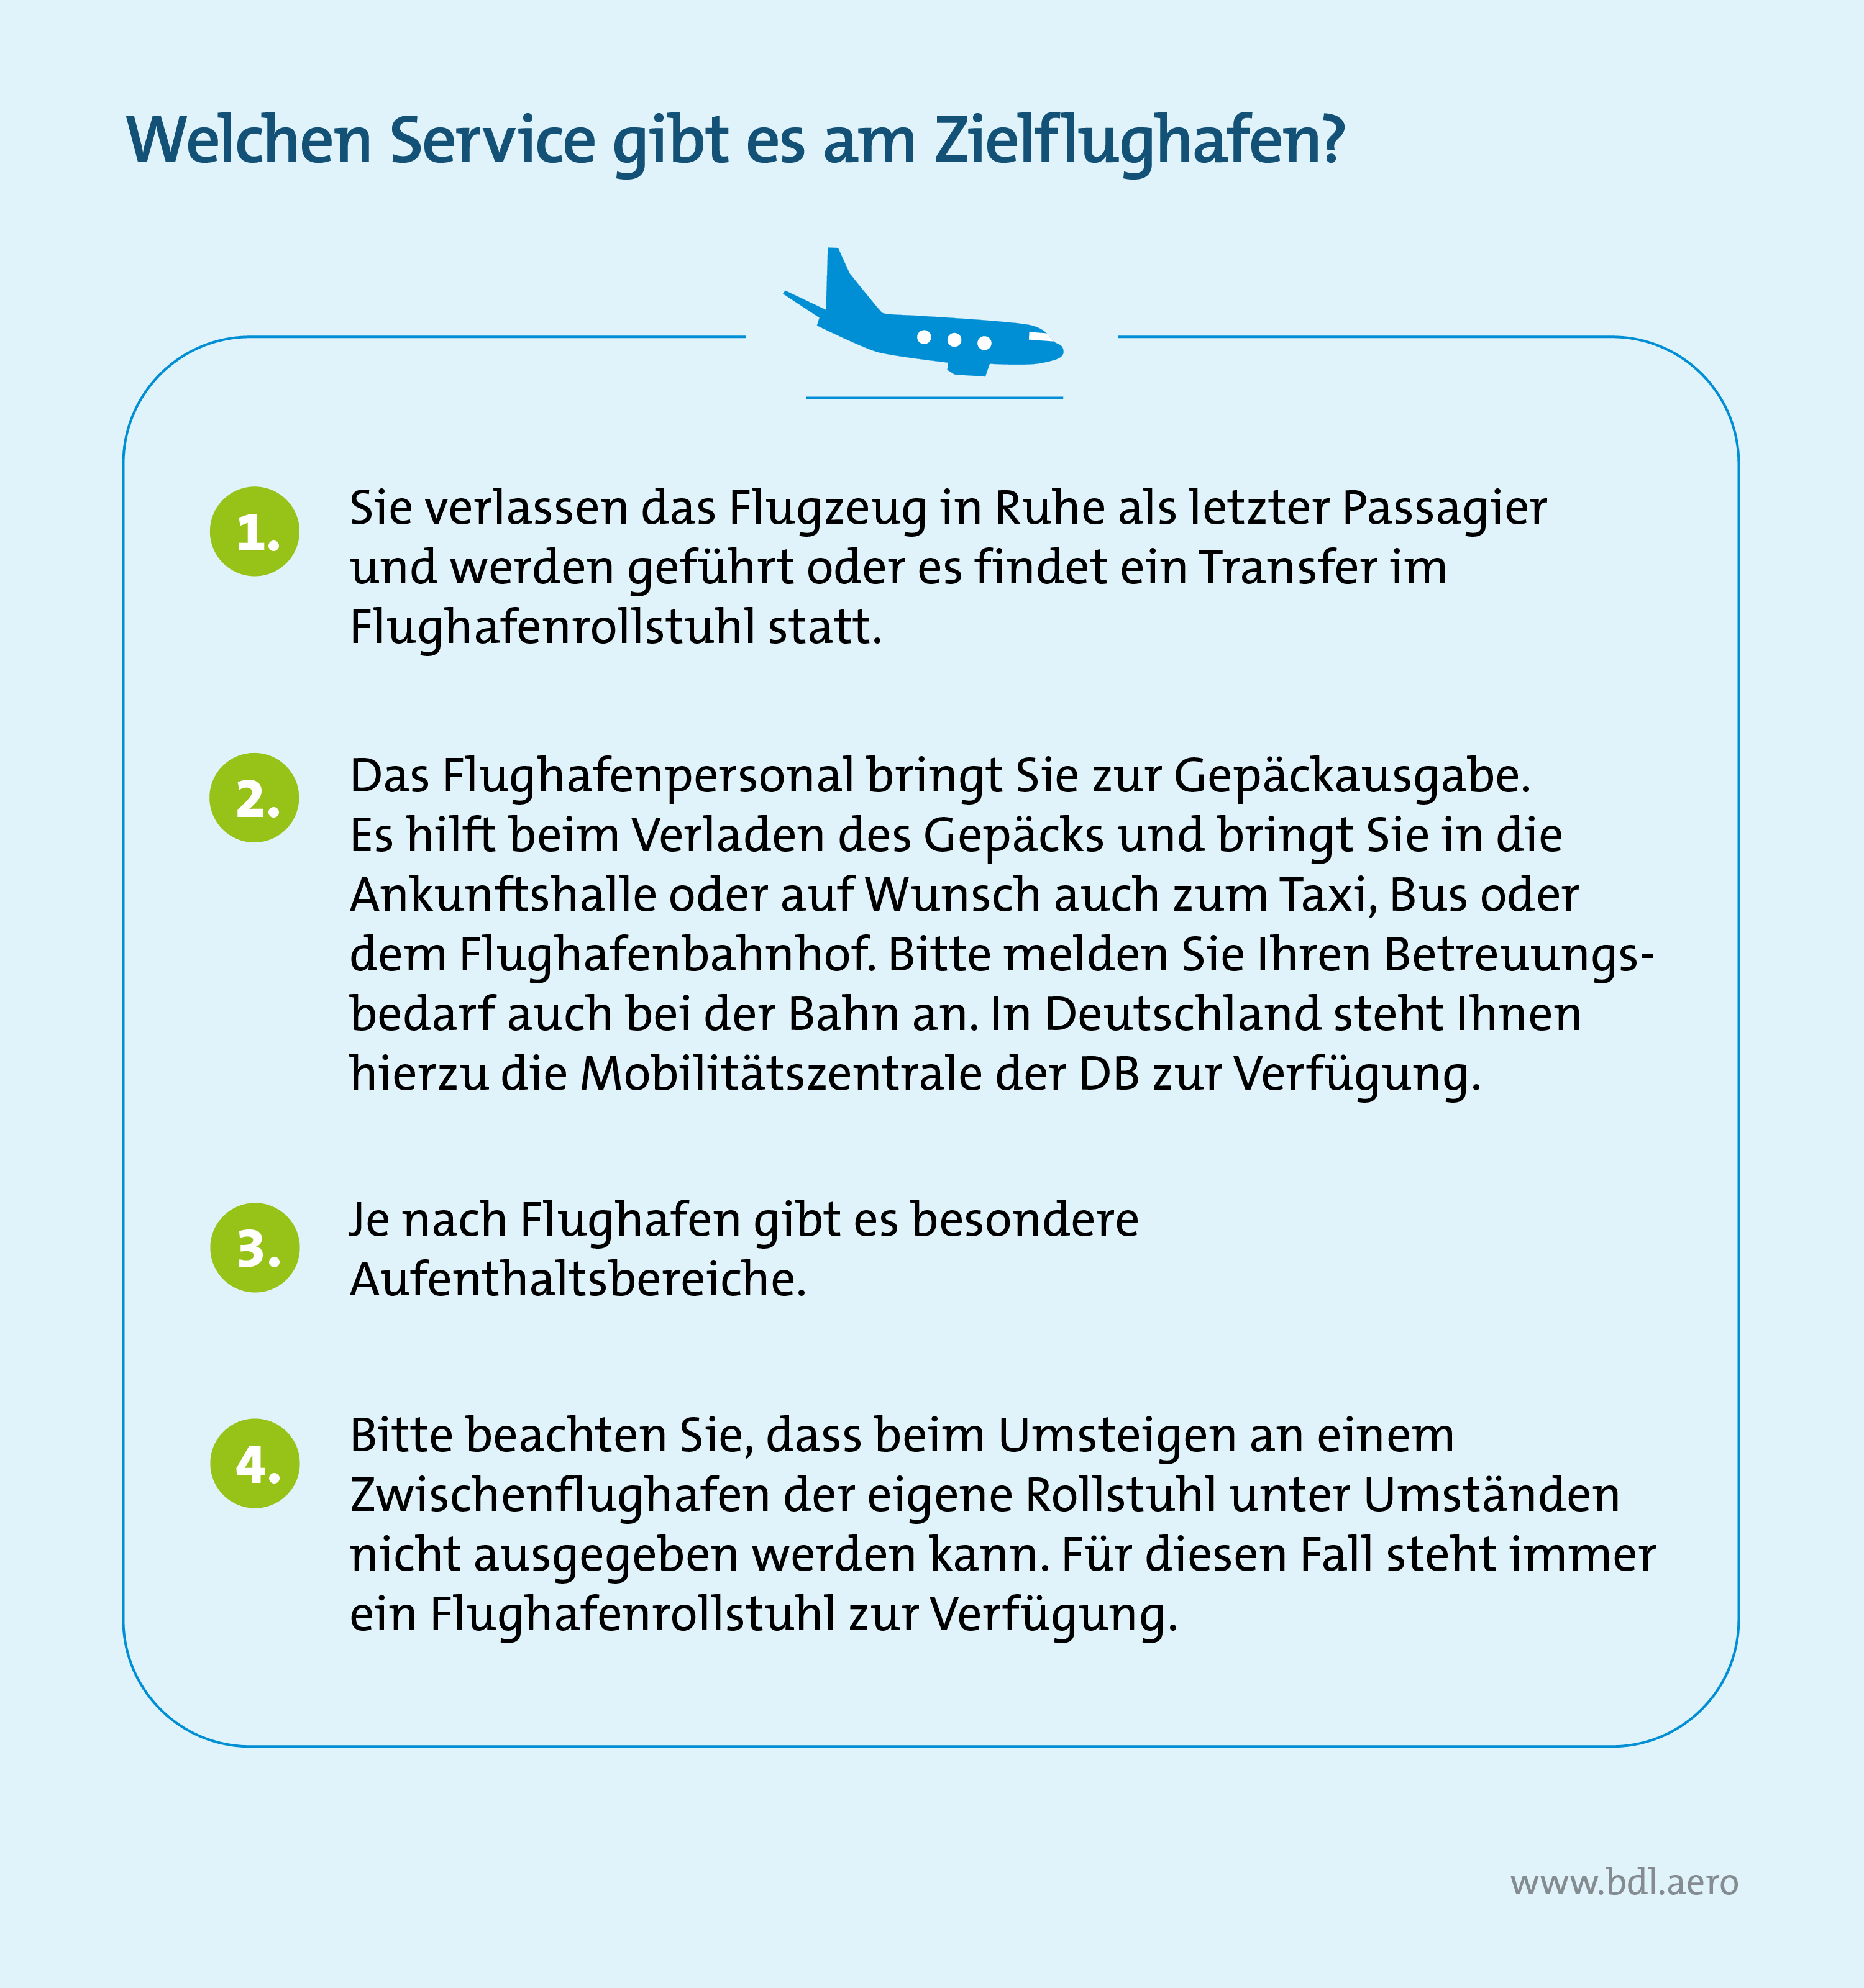 Barrierefreies Reisen mit dem Flugzeug: Welchen Service gibt es für PRM-Reisende am Zielflughafen?